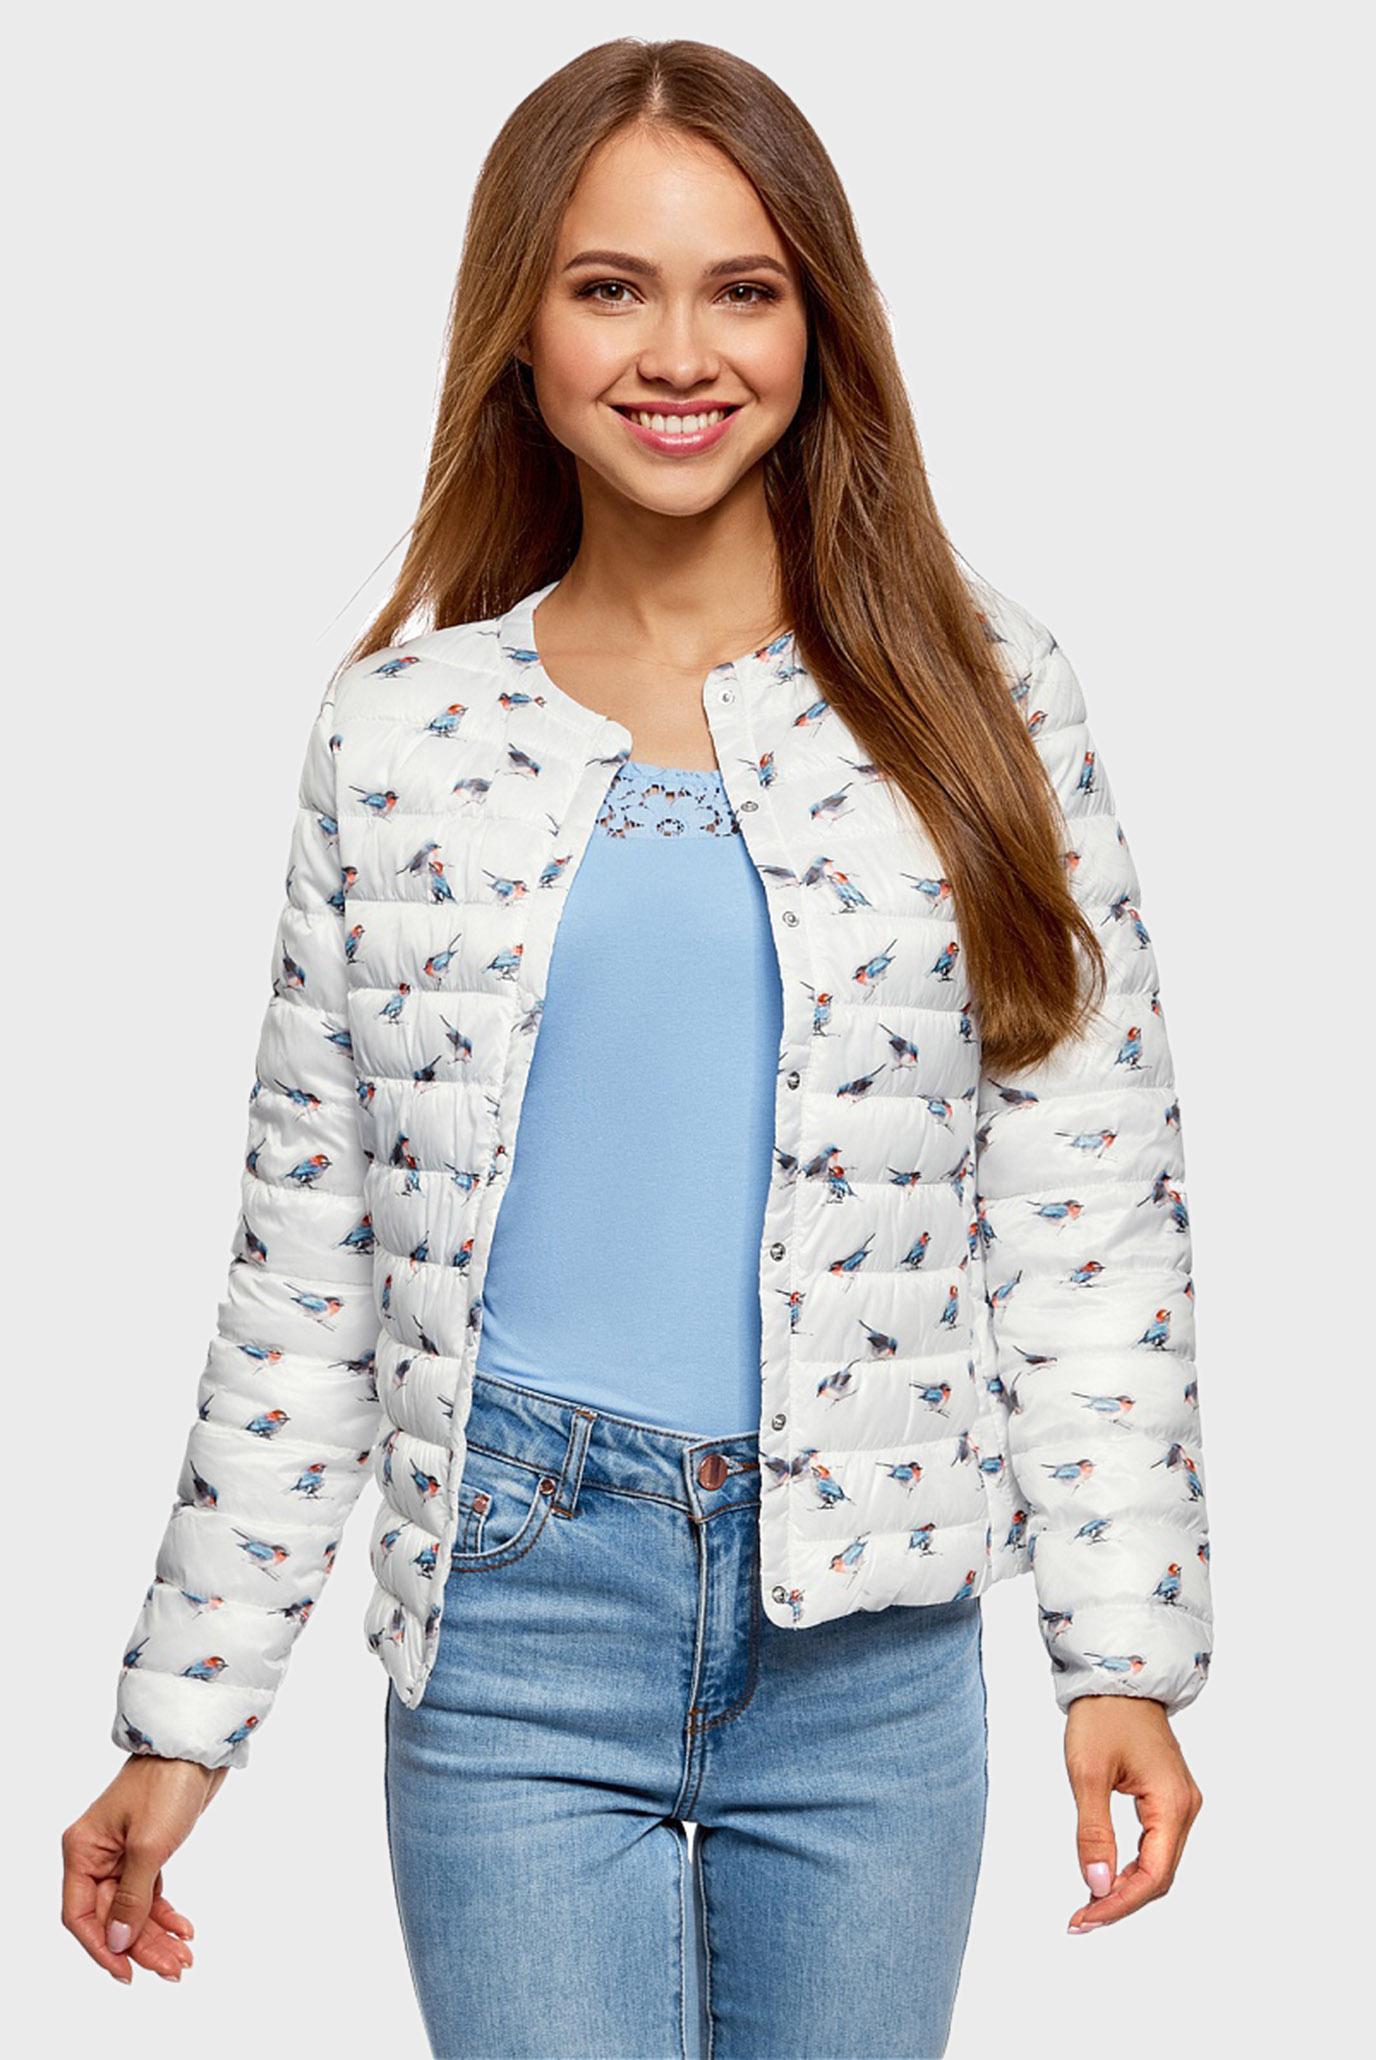 542100f01fb Купить Женская белая стеганая куртка exclusive Oodji Oodji  10204040-1B 42257 1270A – Киев